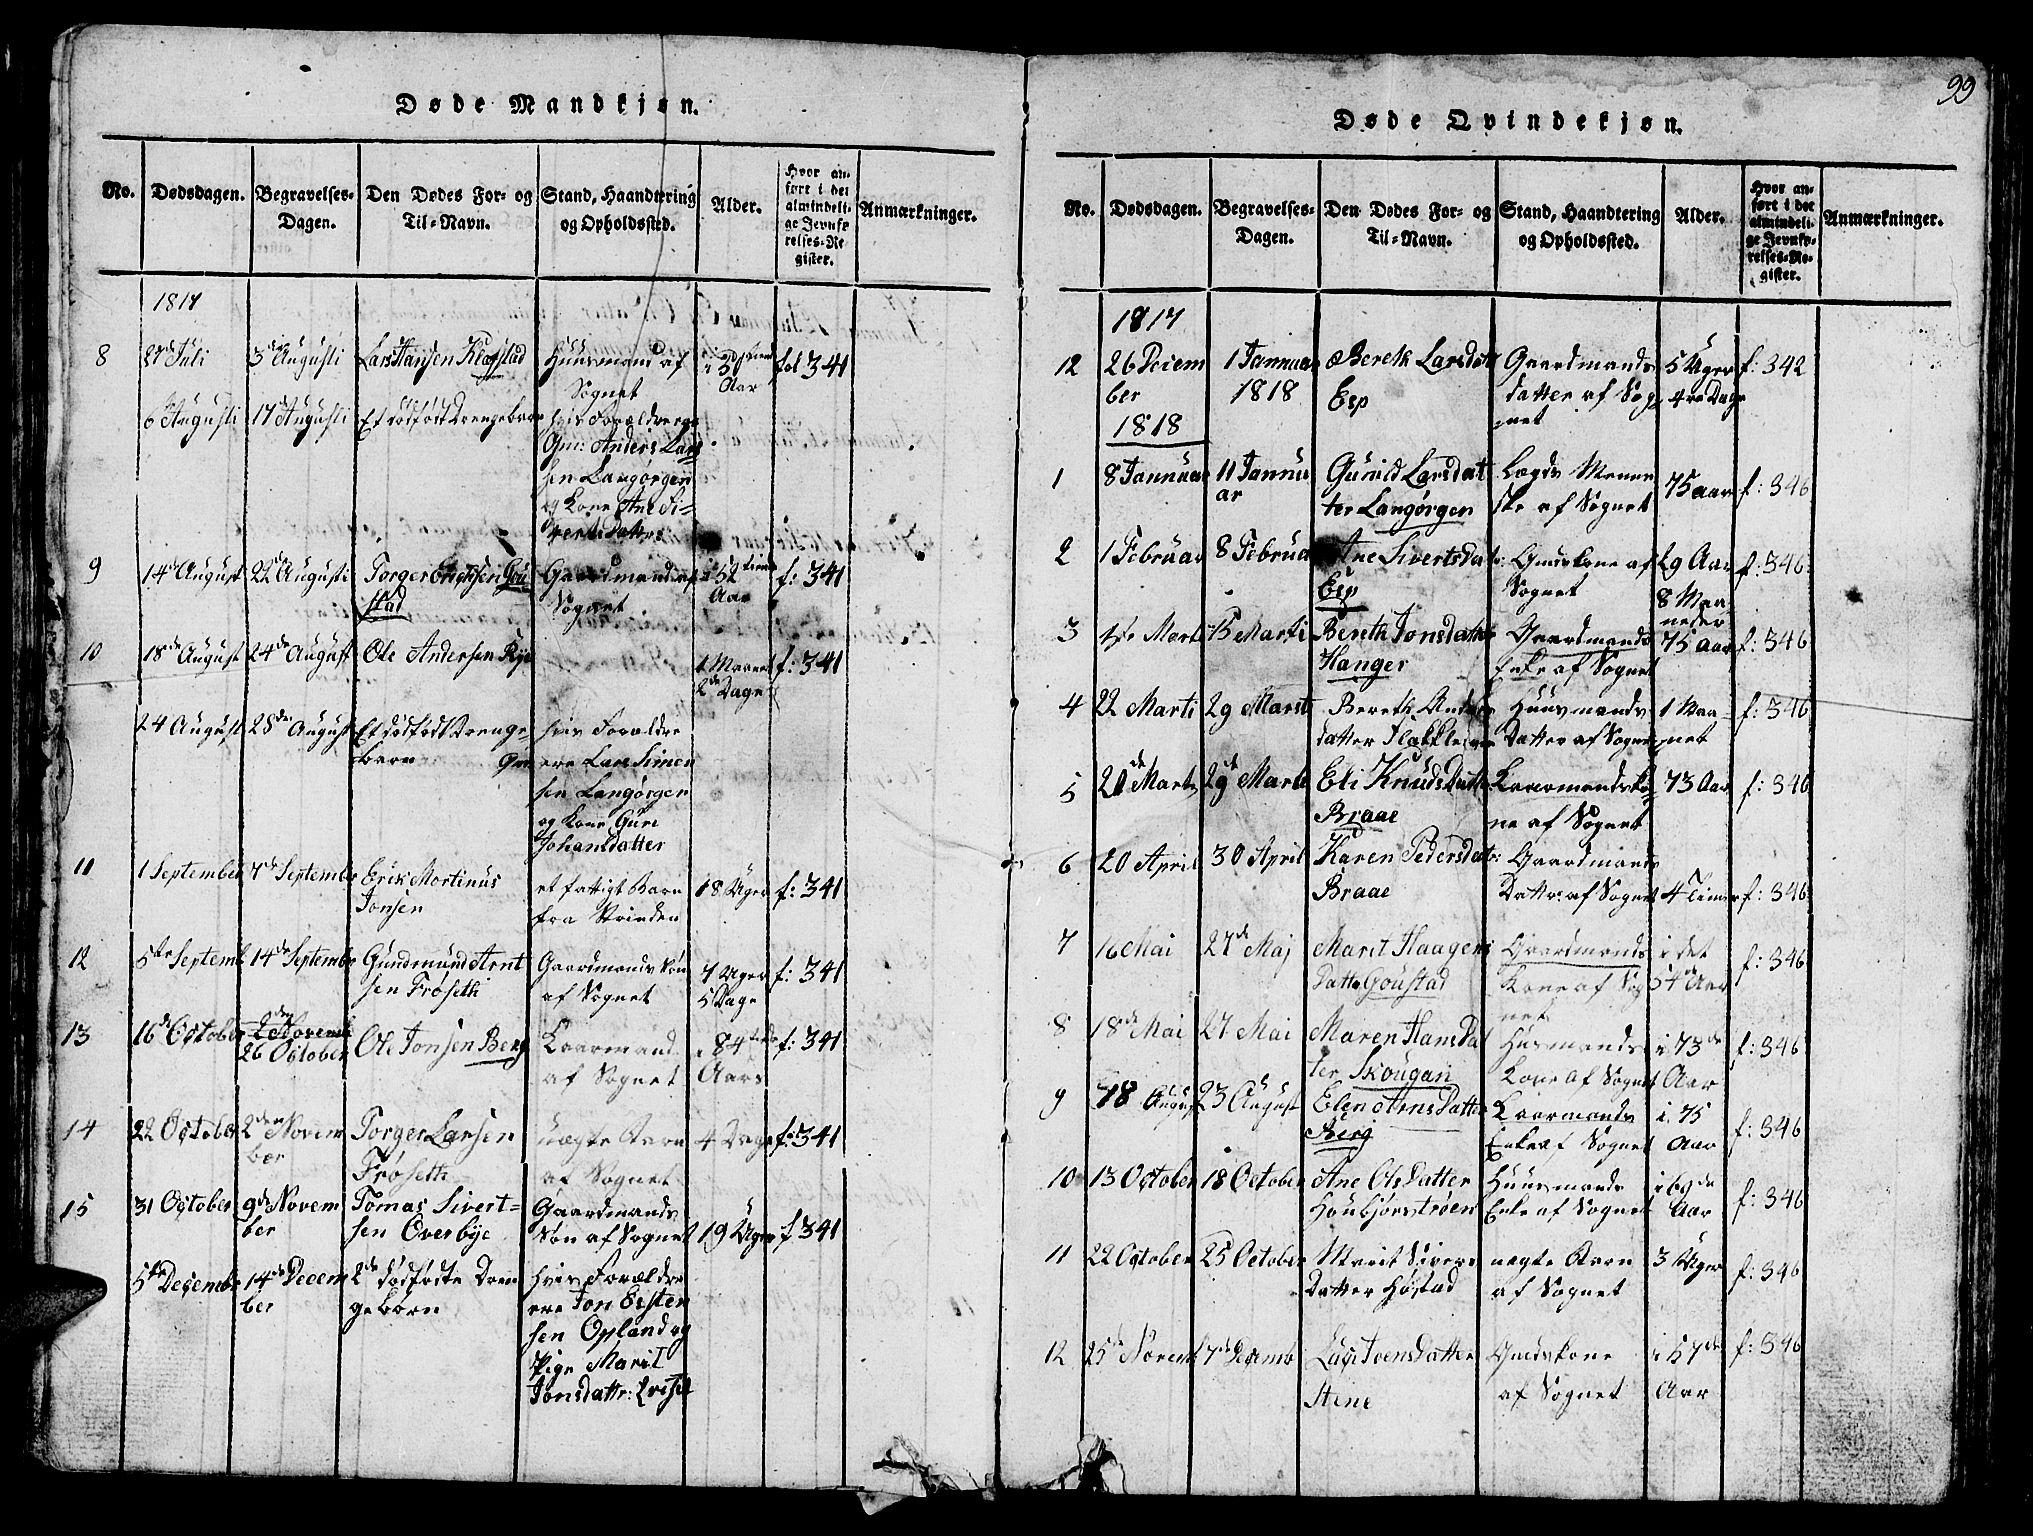 SAT, Ministerialprotokoller, klokkerbøker og fødselsregistre - Sør-Trøndelag, 612/L0385: Klokkerbok nr. 612C01, 1816-1845, s. 99